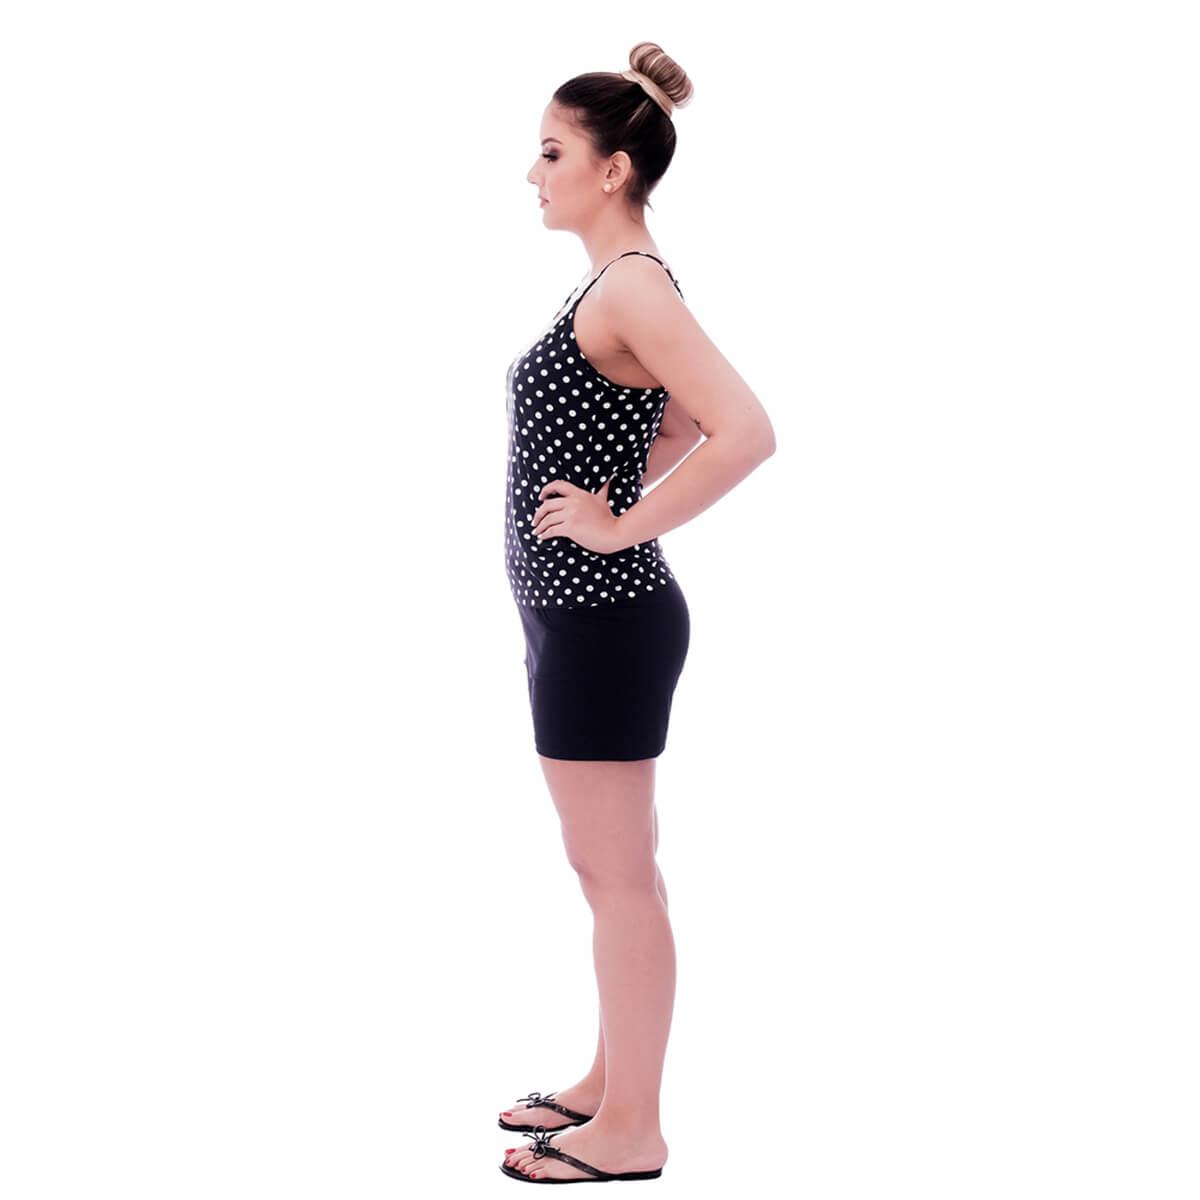 Short Doll de Blusa Alça Fina Estampa Poá Preto de Bolas Brancas com Renda Guipir Branca no Decote e Short Preto